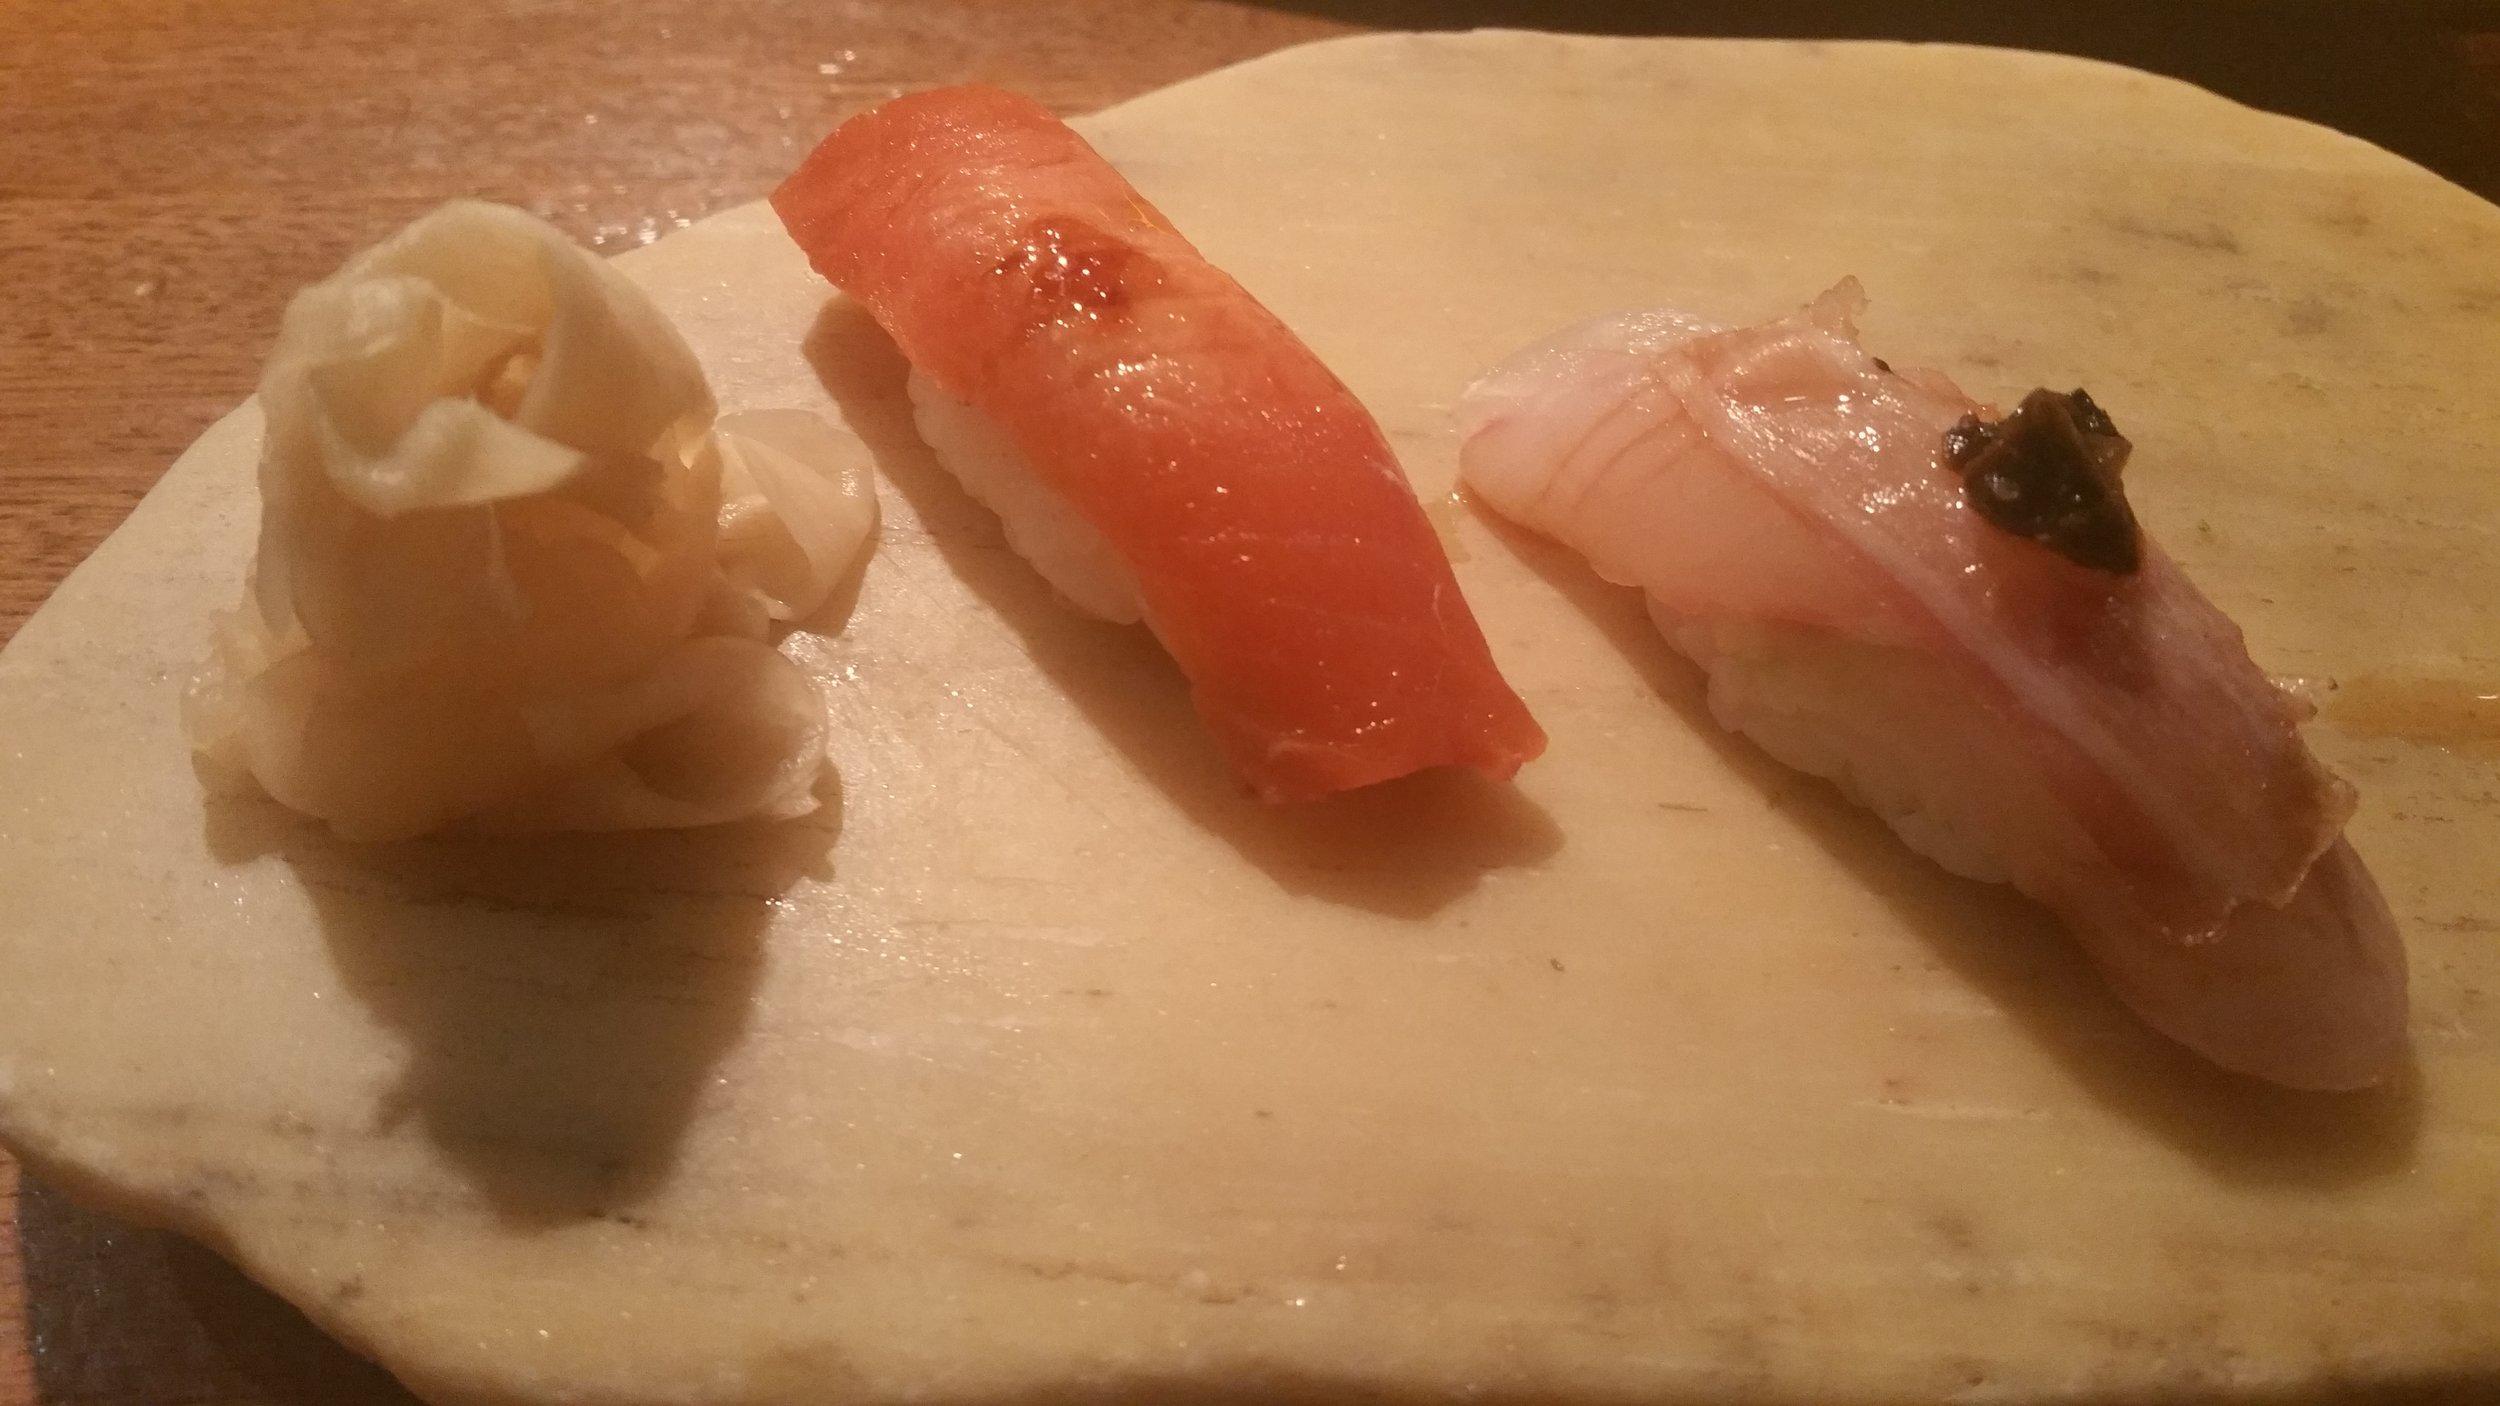 Coho sushi